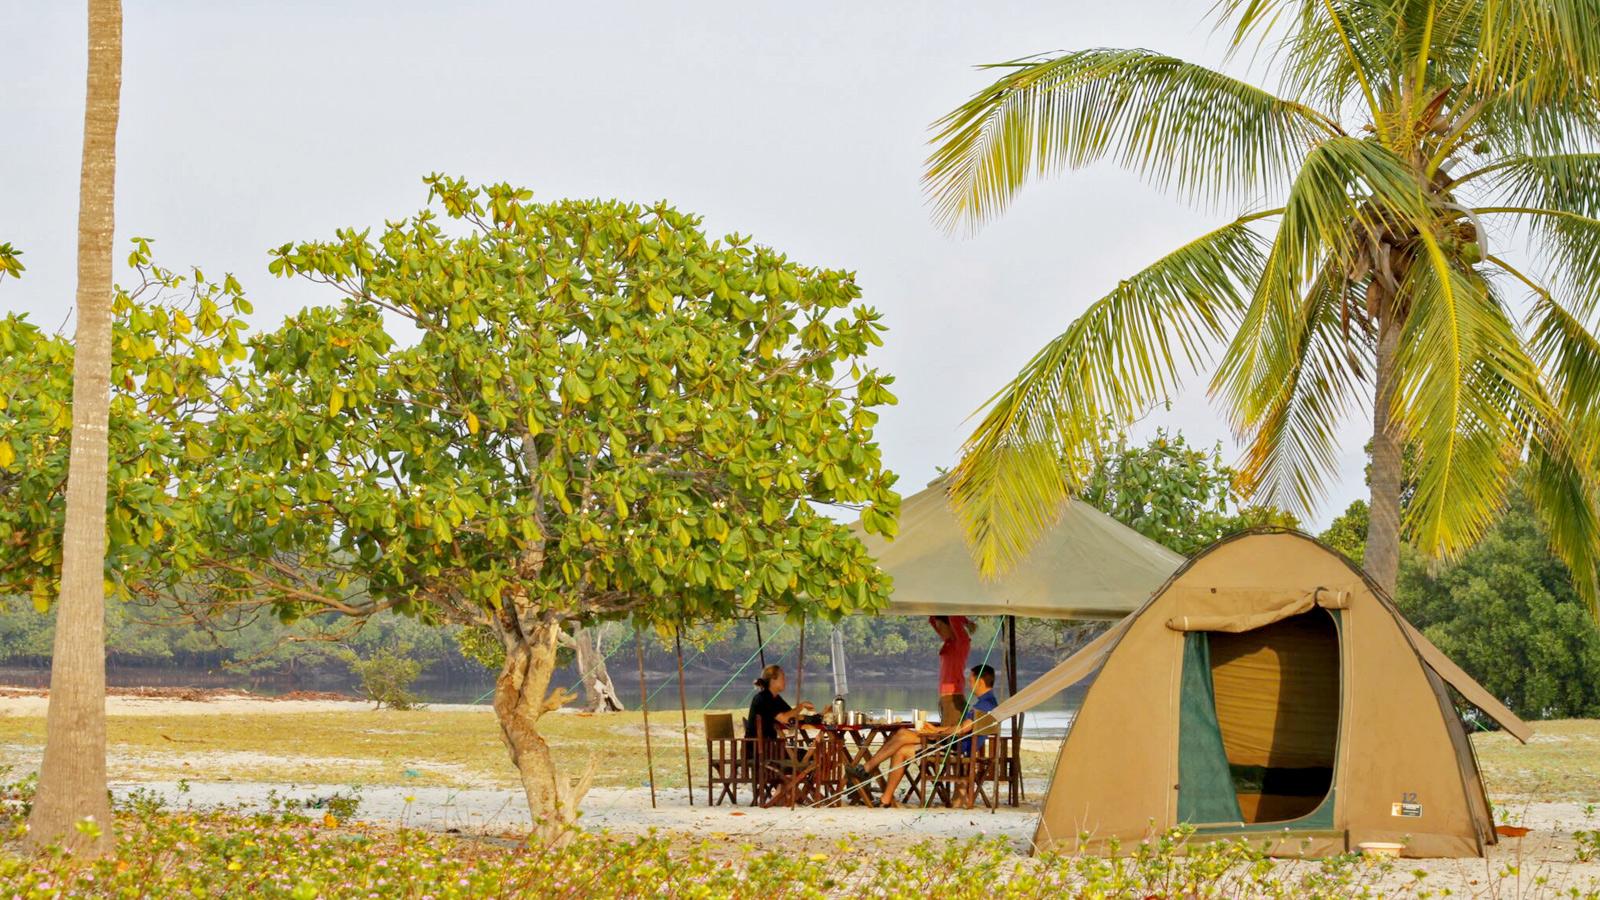 Hochzeitsreise Mosambik Ibo Island Hopping Safari quer durch die Inselwelt vom Quirimbas Archipel traveljunkies